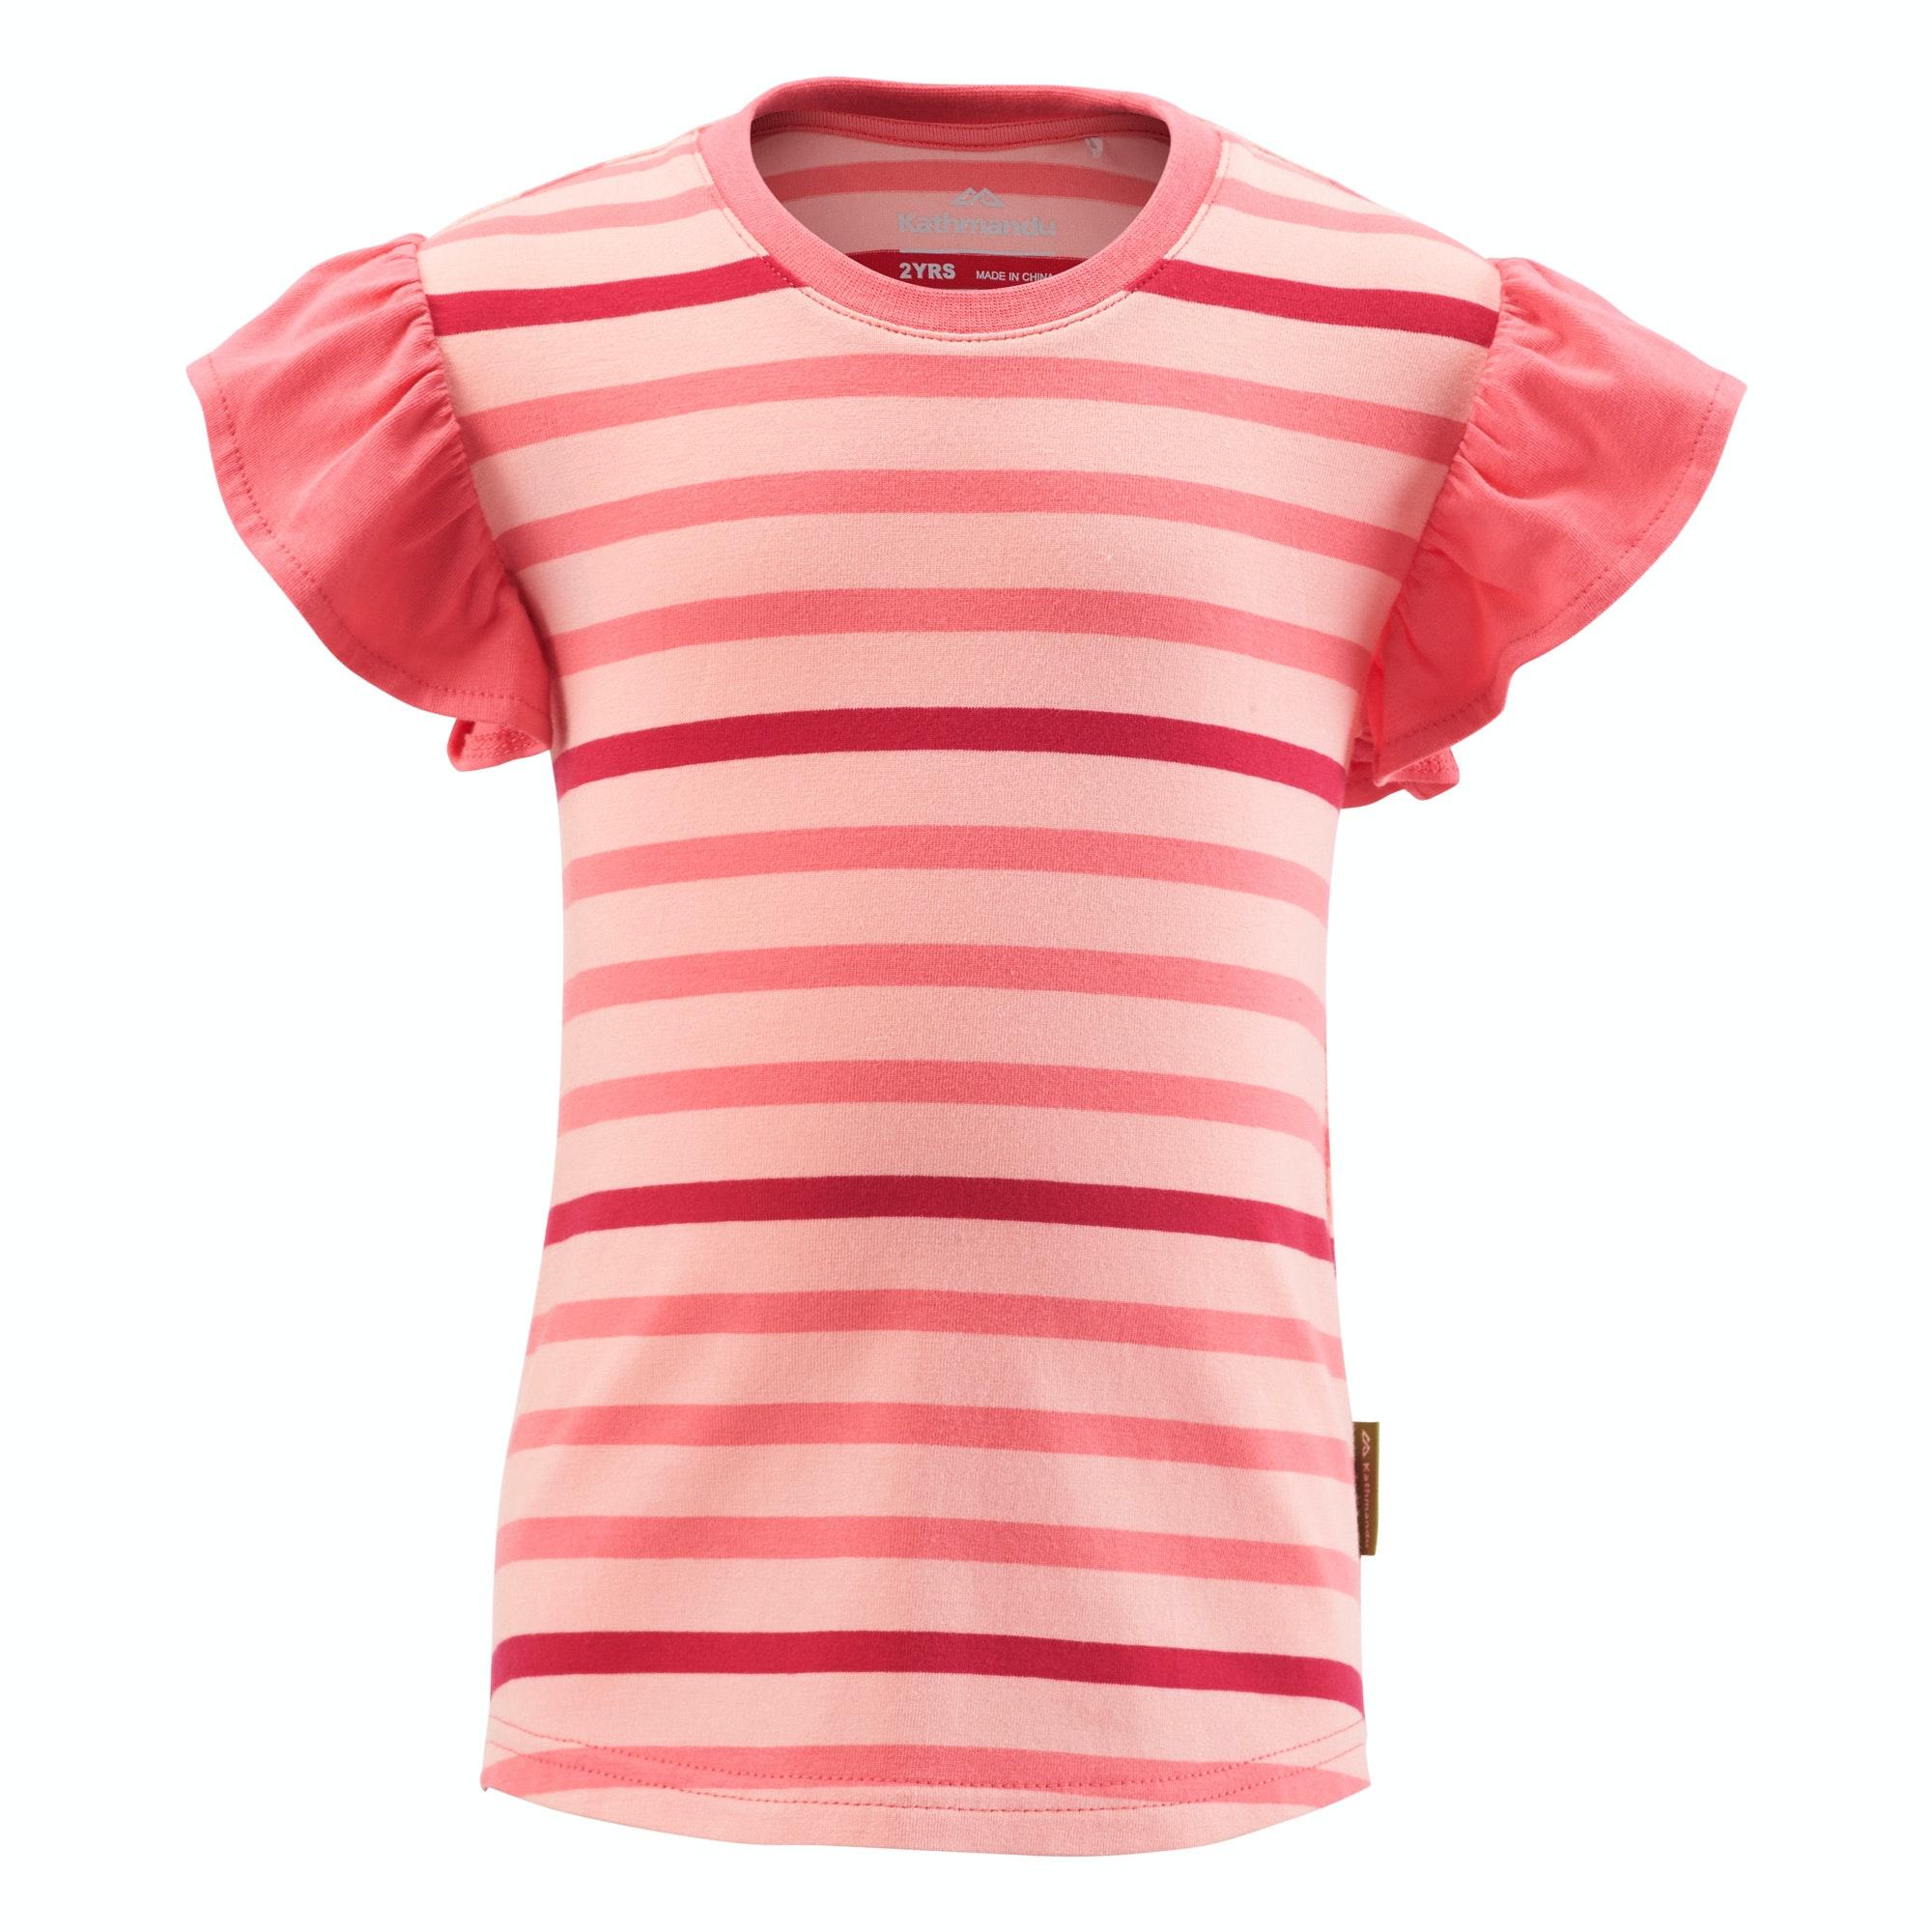 Kathmandu kids girls short sleeve cotton tee striped t for Best striped t shirt